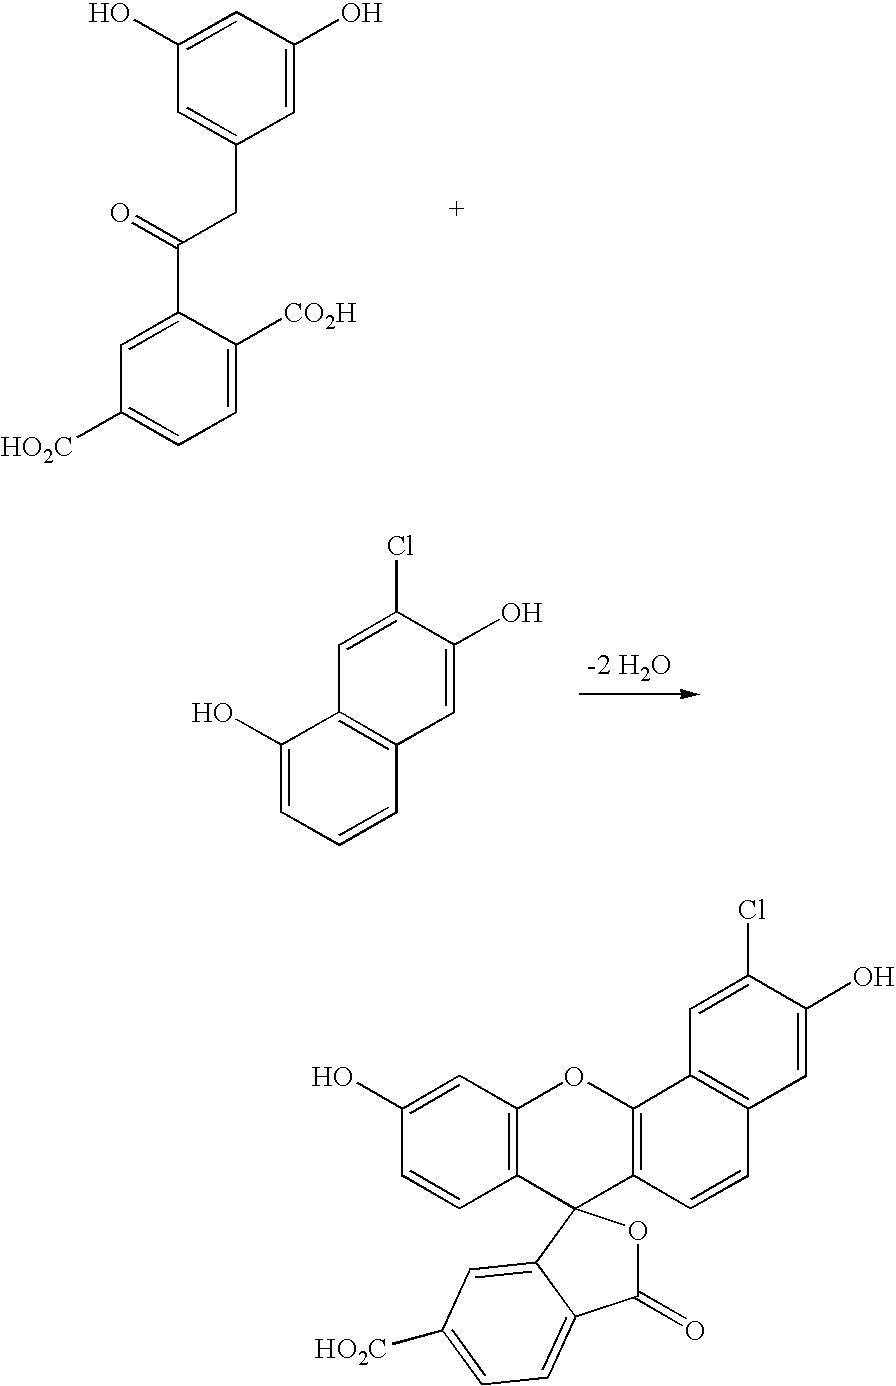 Figure US20060051874A1-20060309-C00003